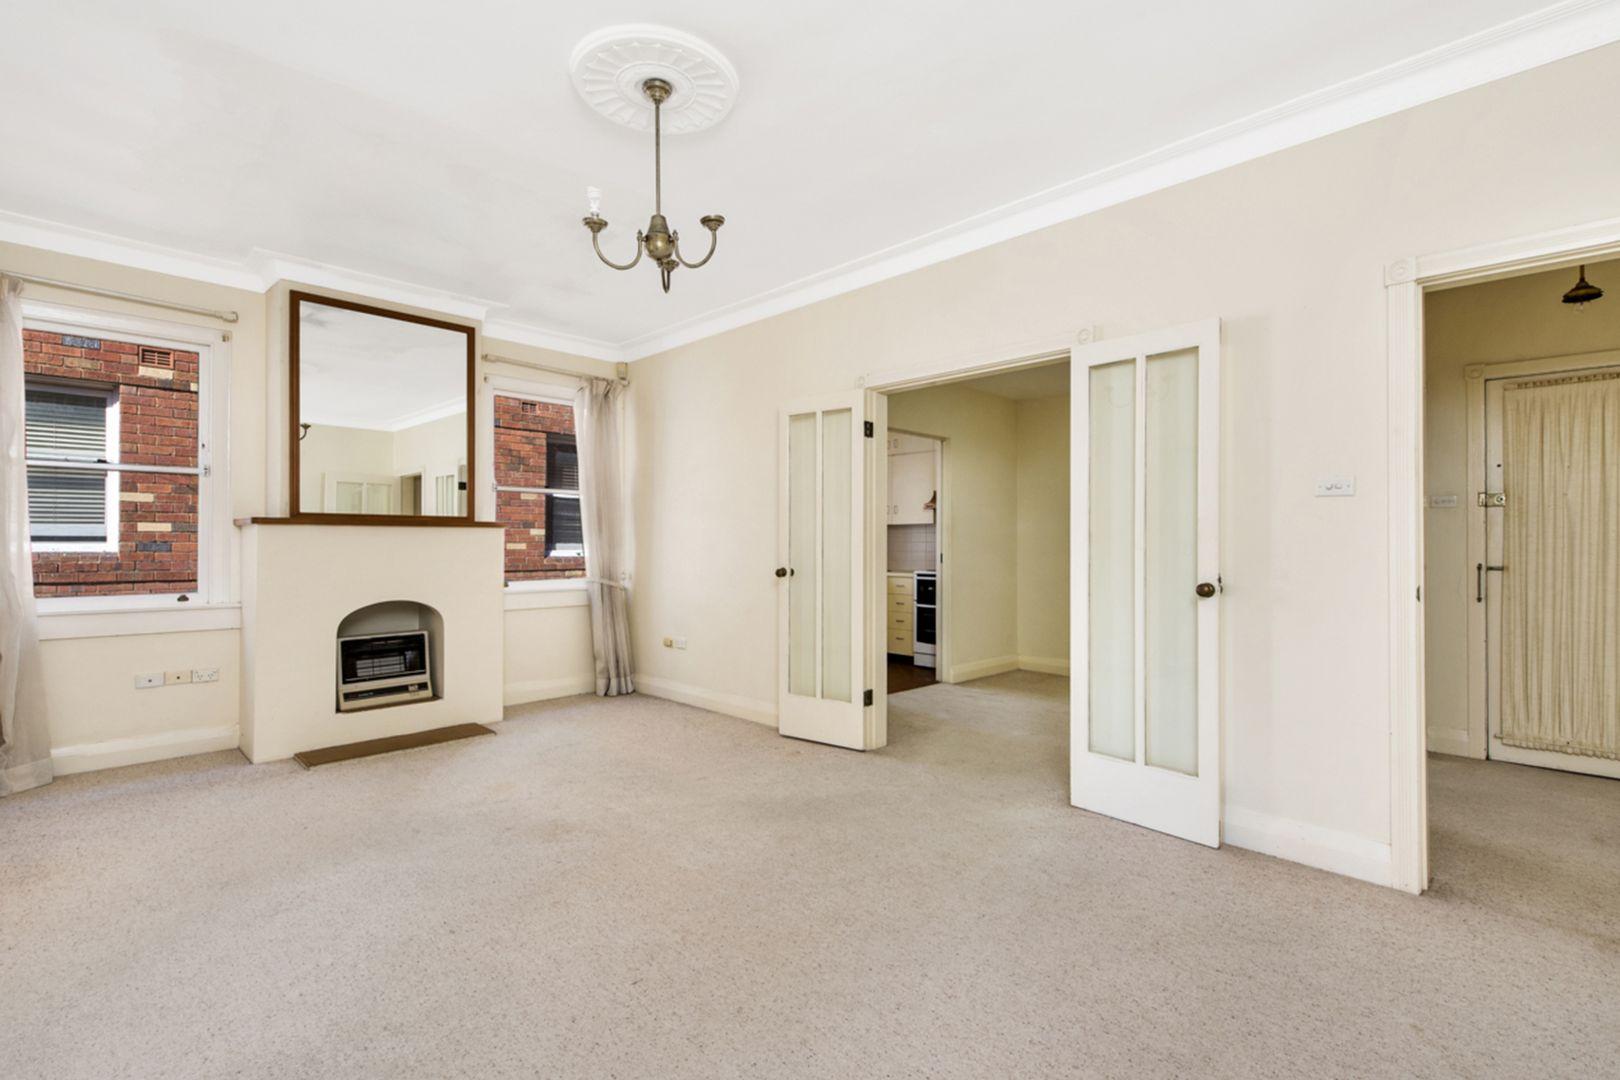 6/11 Manion Avenue, Rose Bay NSW 2029, Image 1